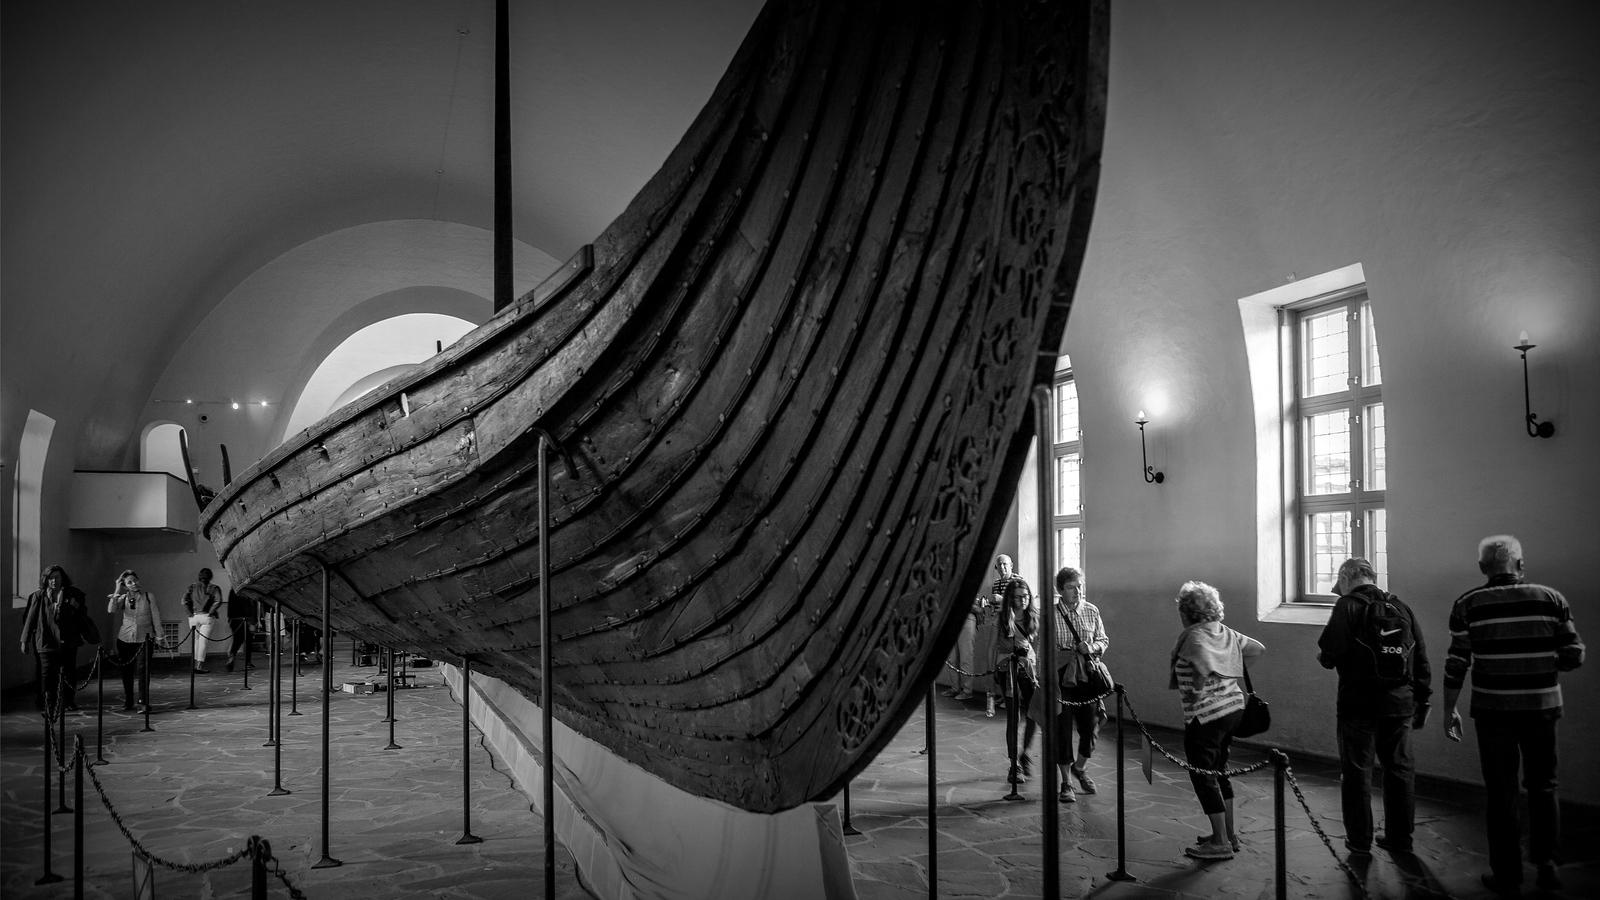 挪威奥斯陆海盗船博物馆,真正超大海盗船